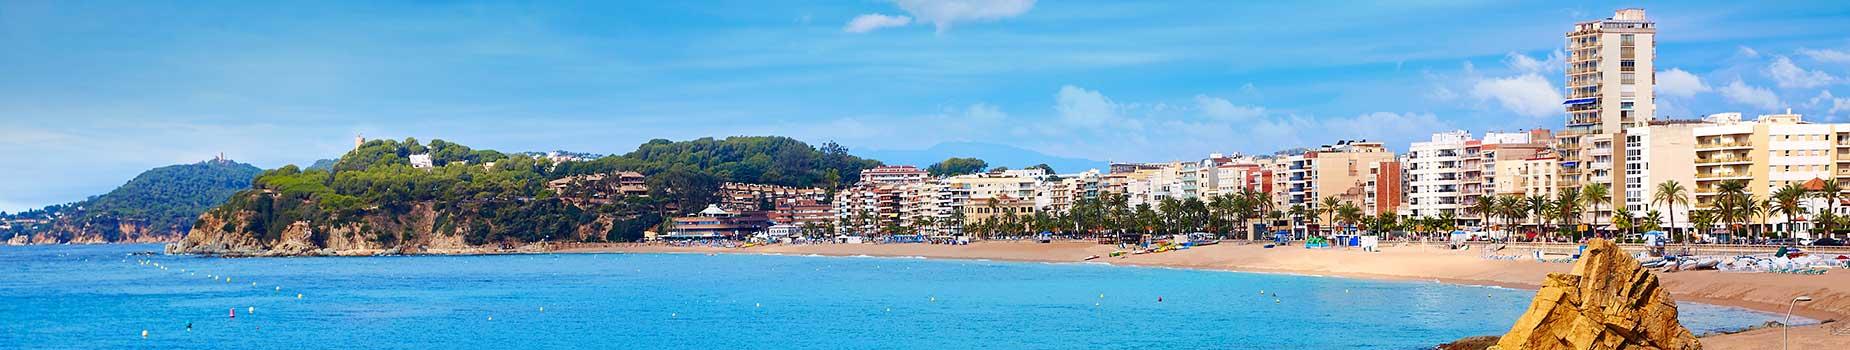 All Inclusive Costa Brava